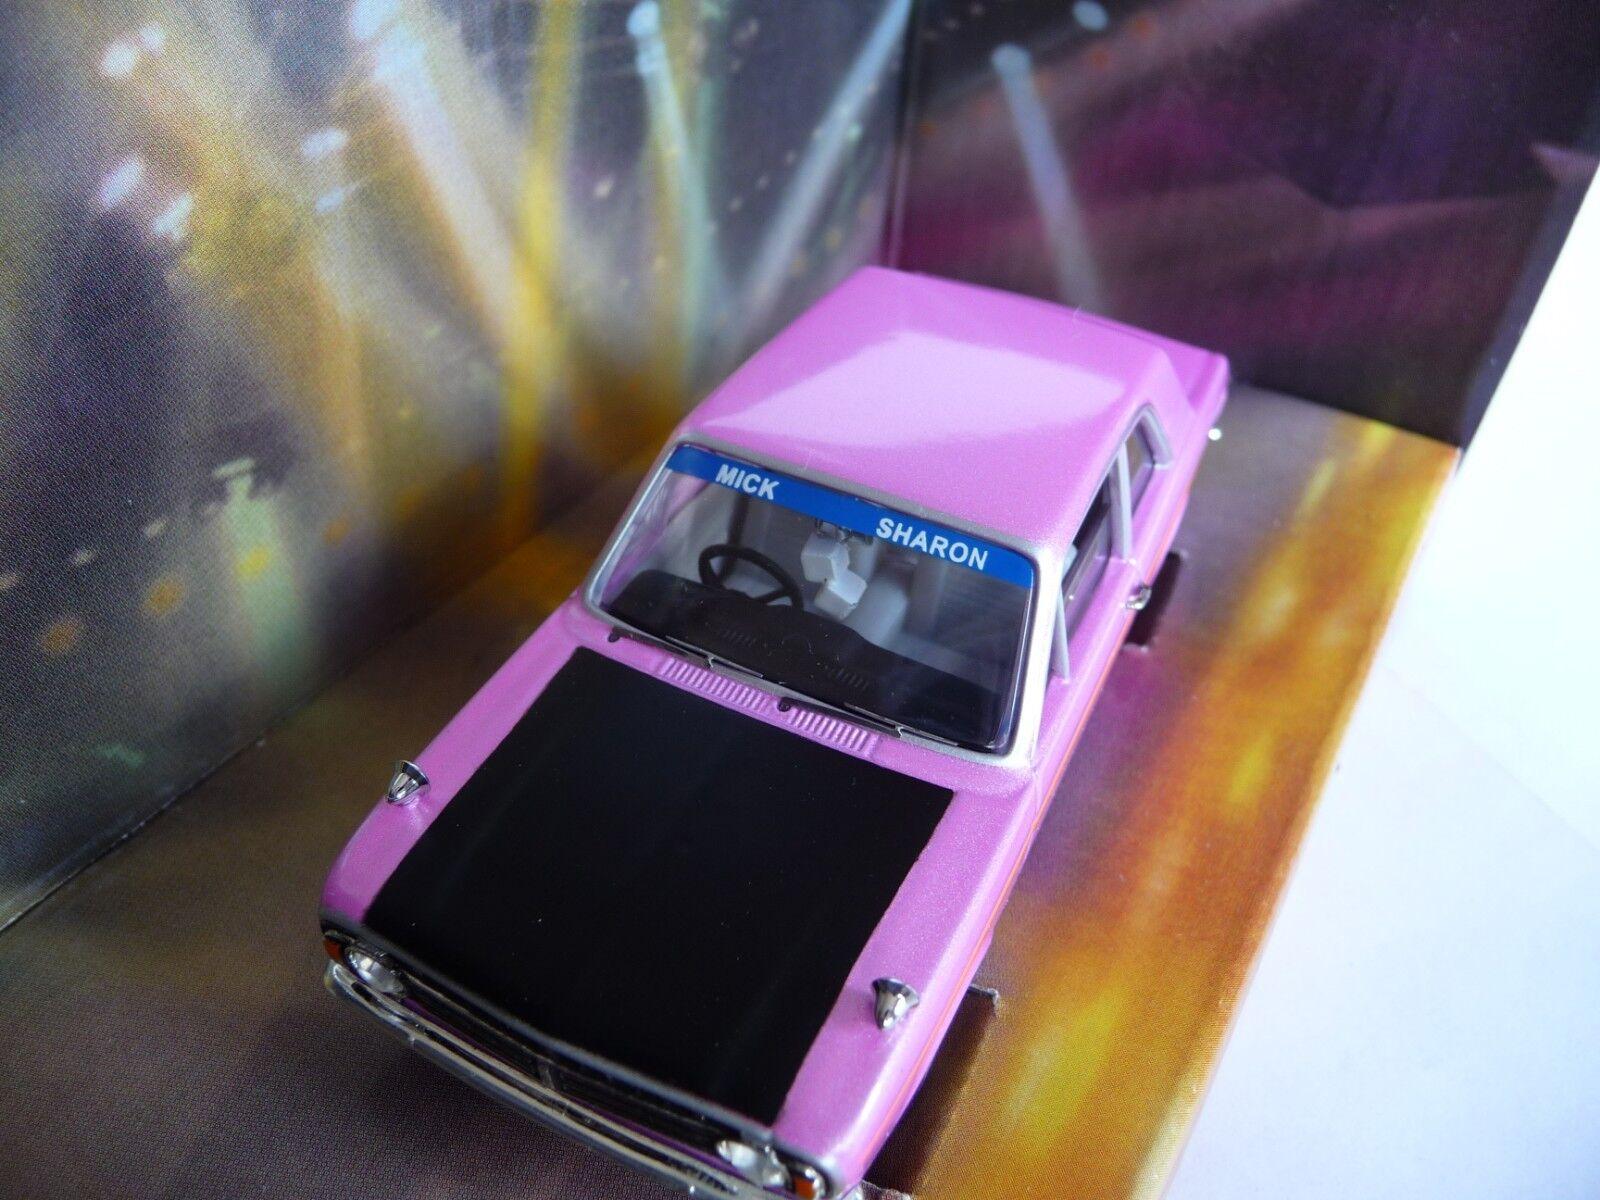 envío gratuito a nivel mundial Vanguards 1 43 Ford Cortina Mk2 metálico morado VA04108 VA04108 VA04108  ofreciendo 100%